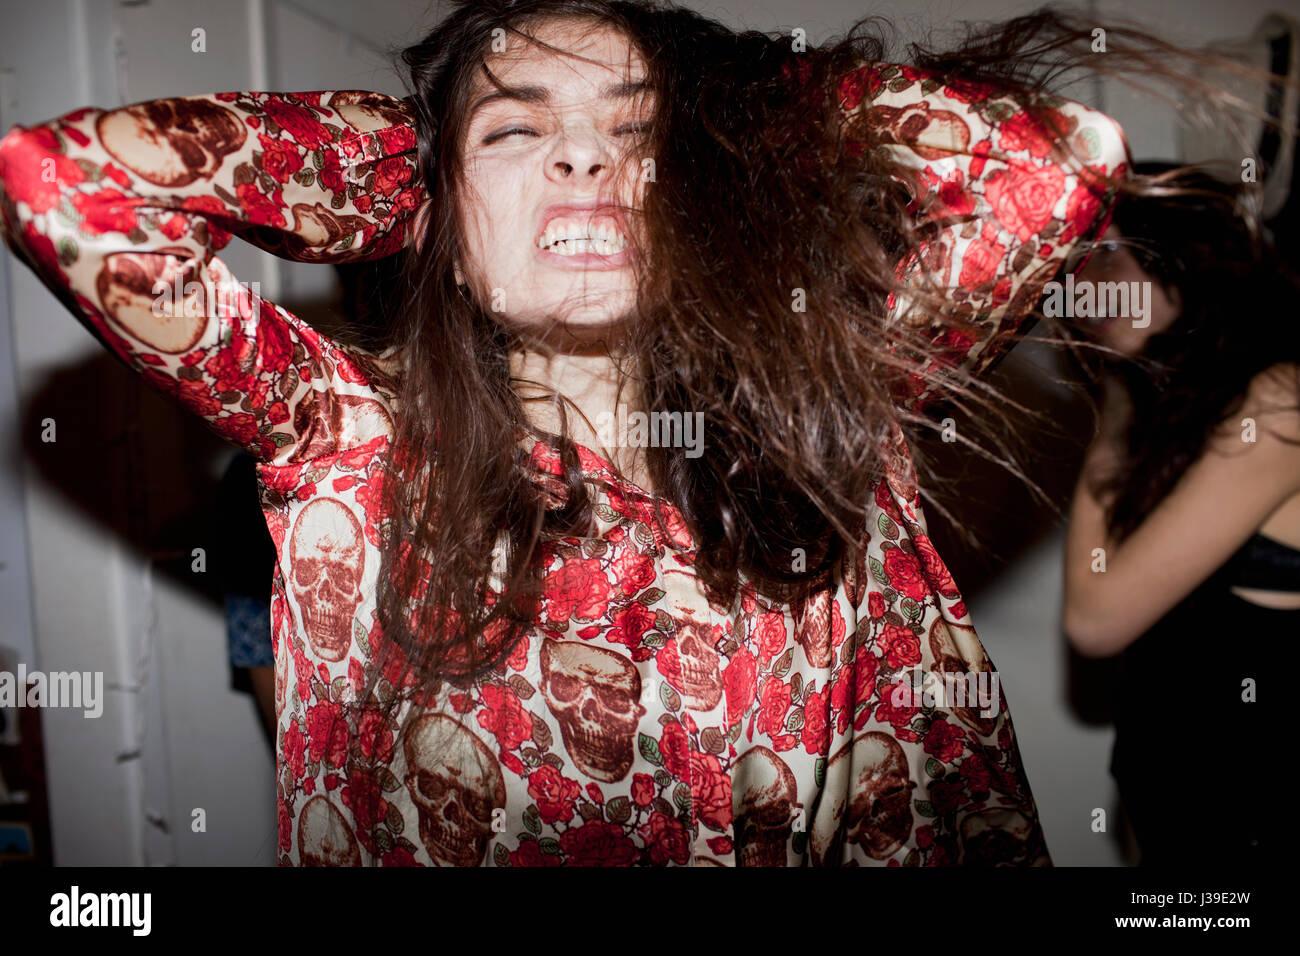 Junge Frau auf einer Party tanzen Stockbild